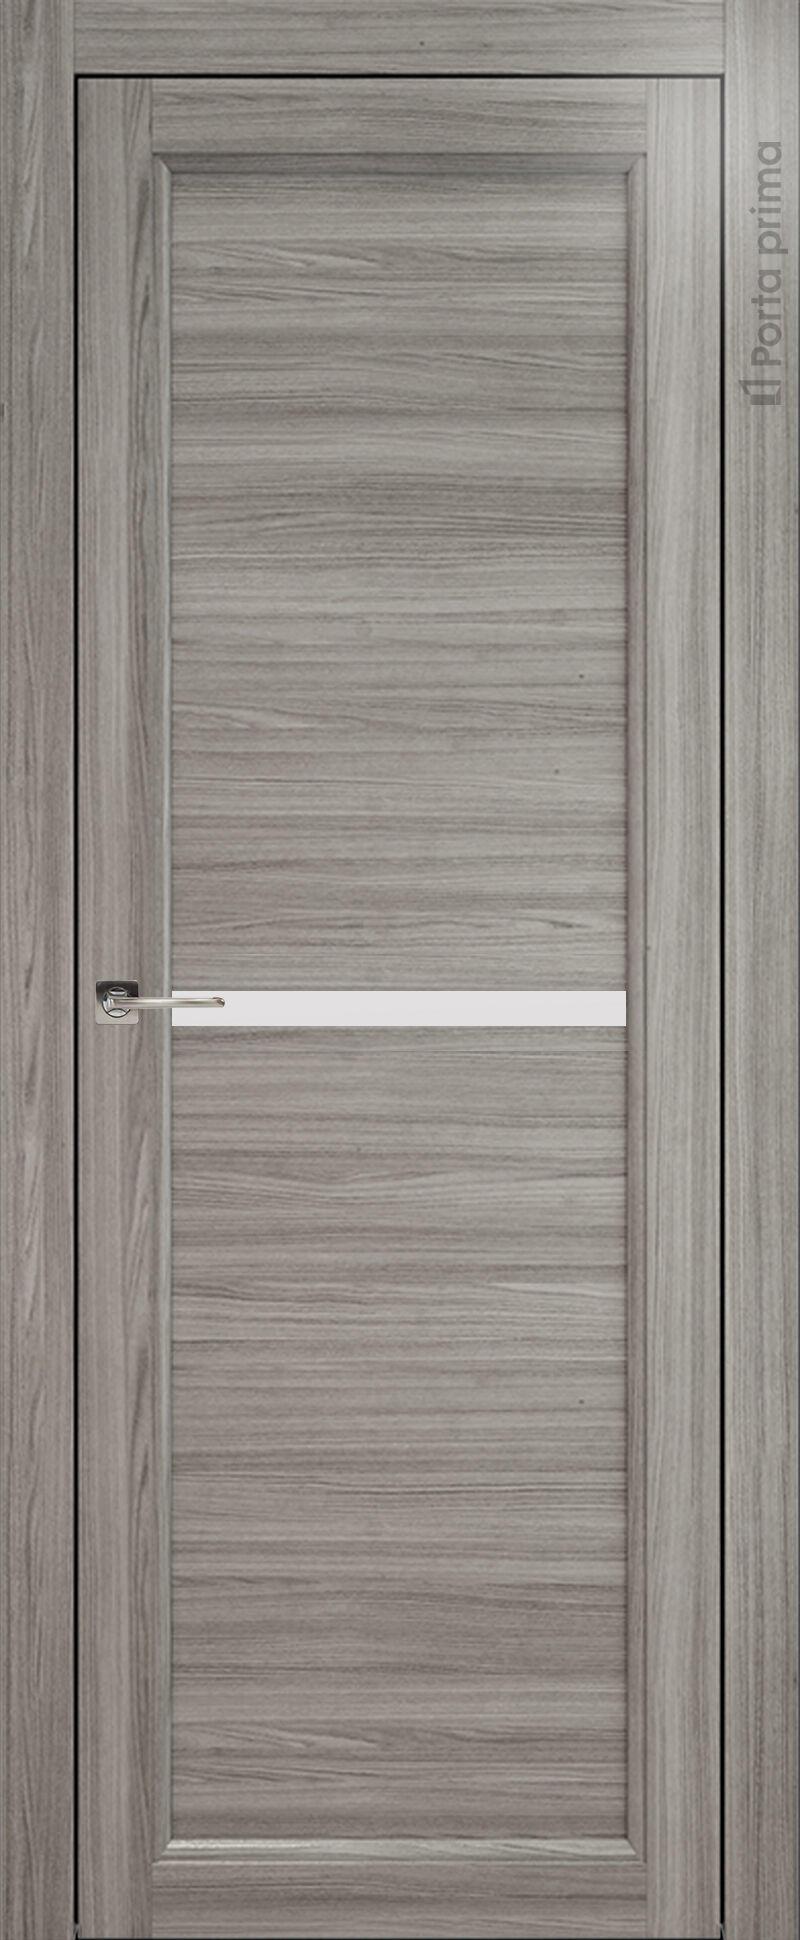 Sorrento-R А3 цвет - Орех пепельный Без стекла (ДГ)